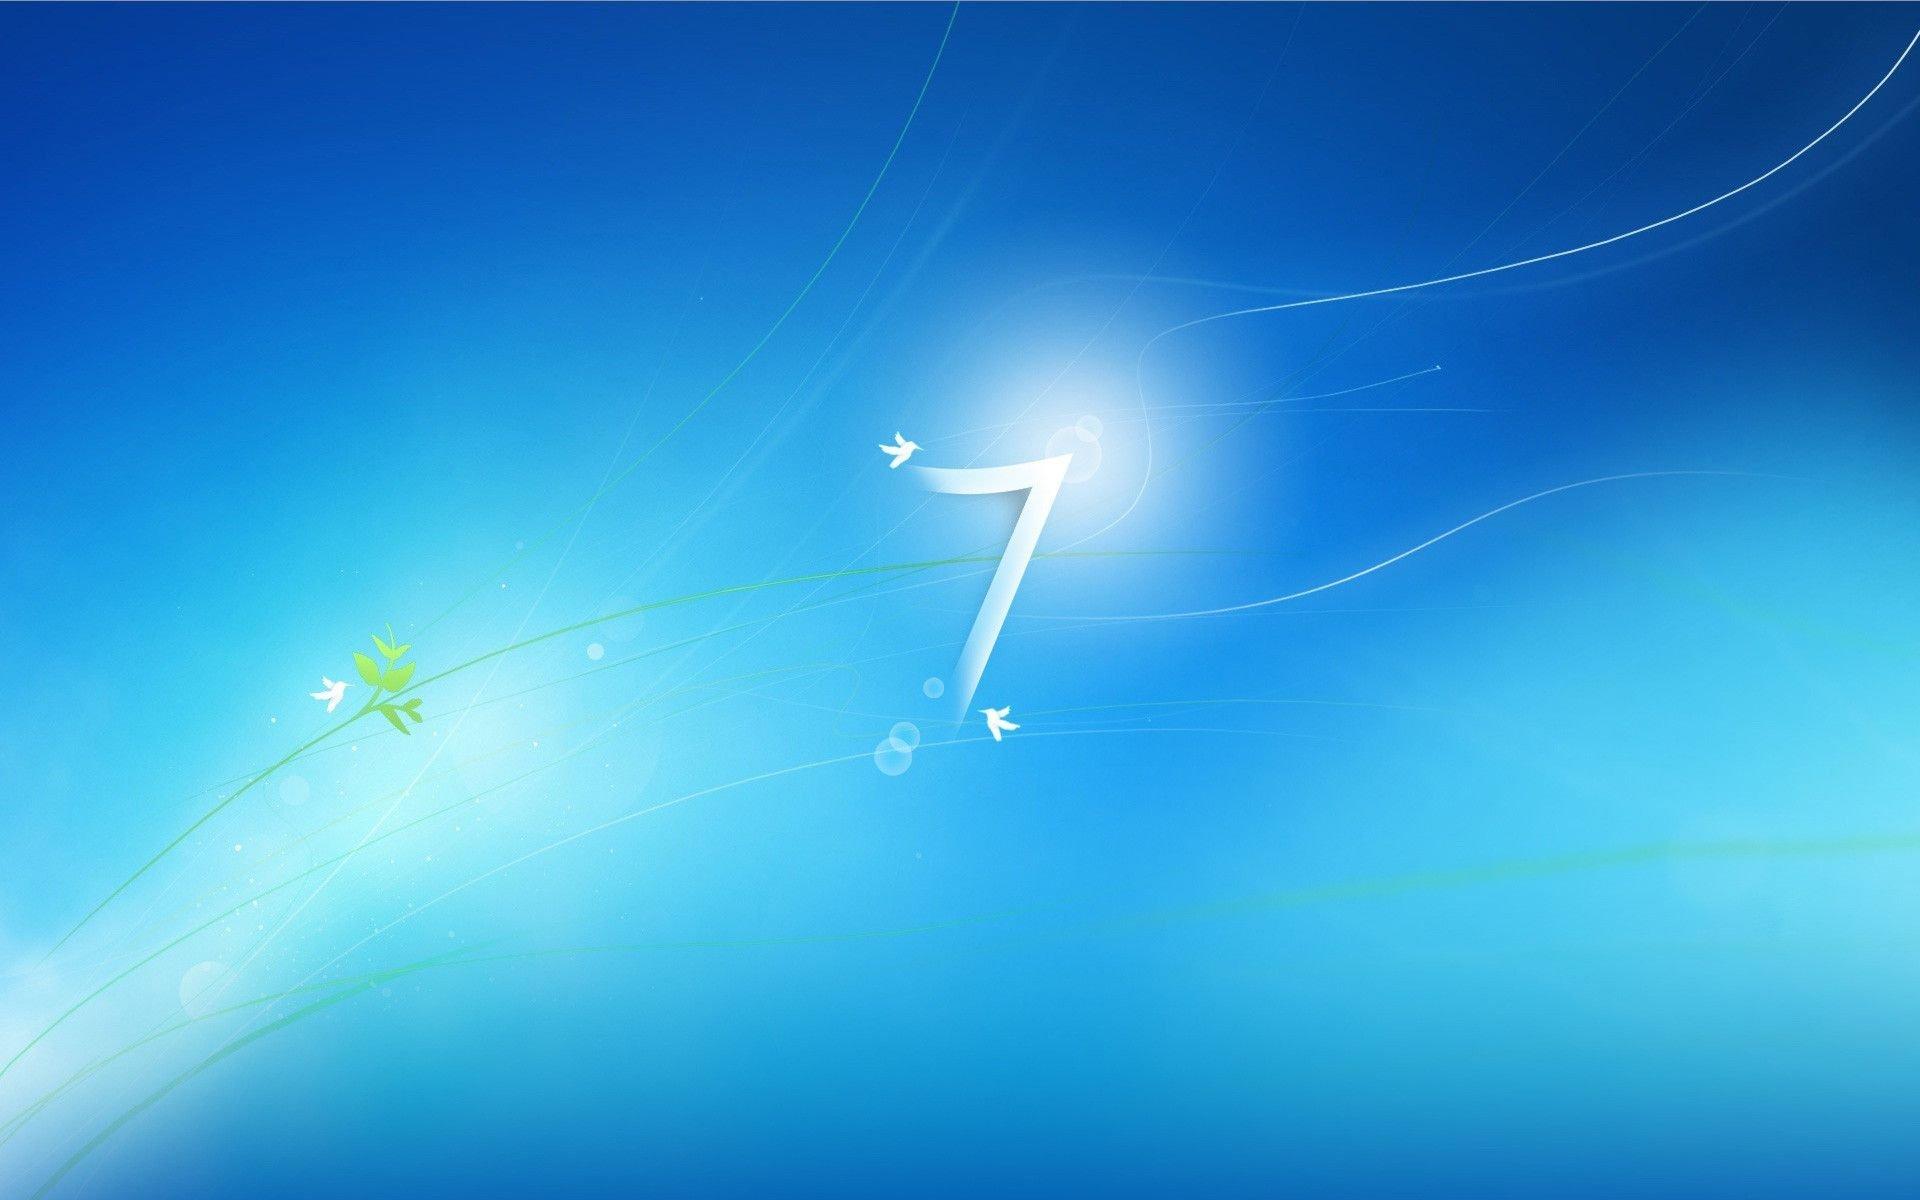 Wallpaper do Windows 7 na sua versão antiga